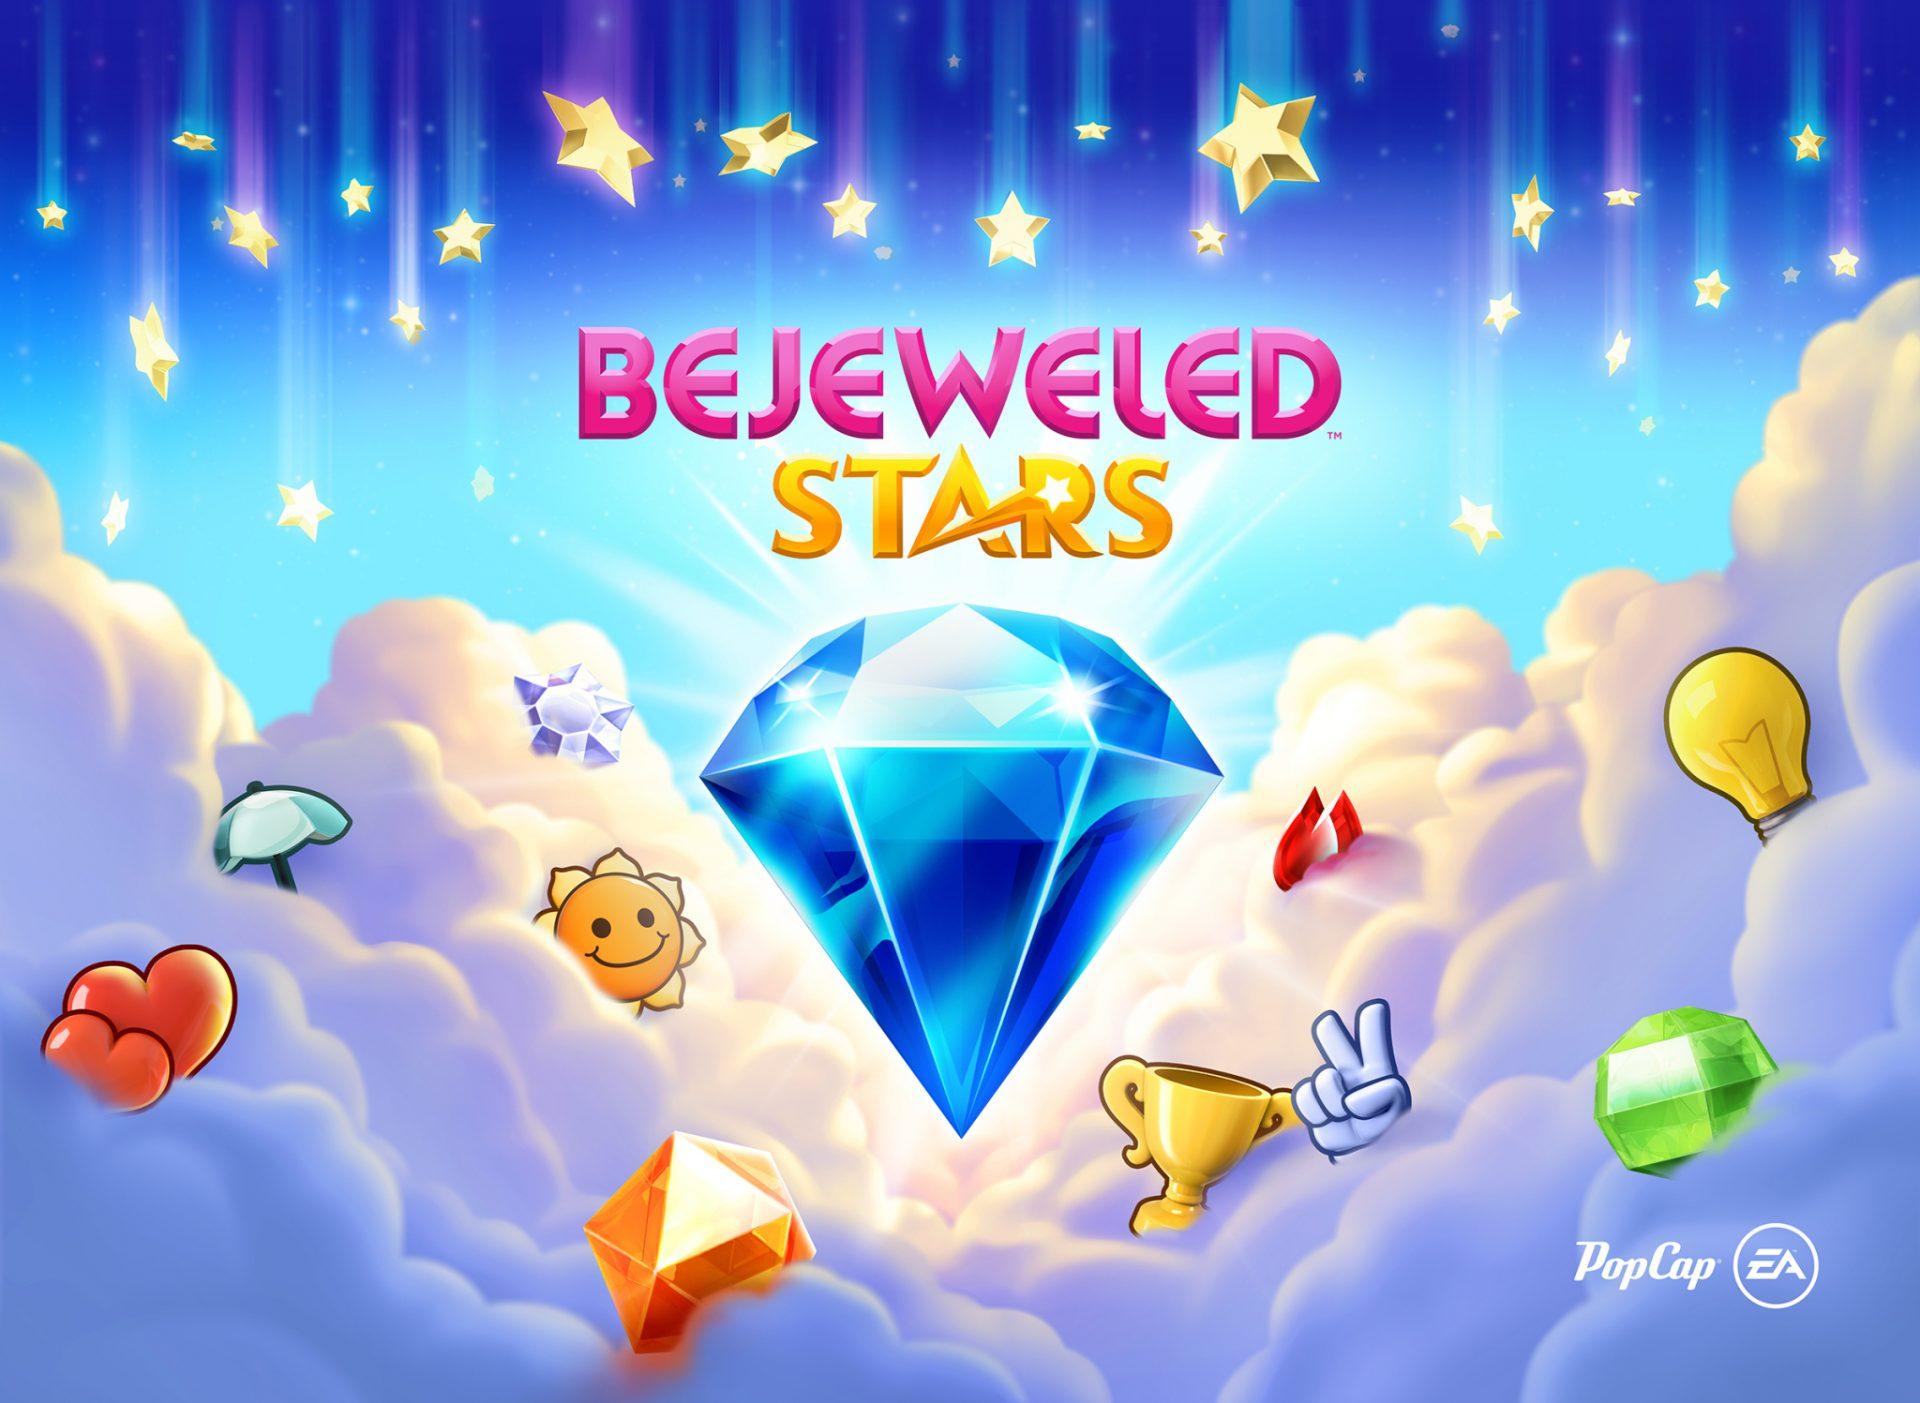 Vuelve el clásico de PopCap Games, consigue Bejeweled Stars totalmente gratis